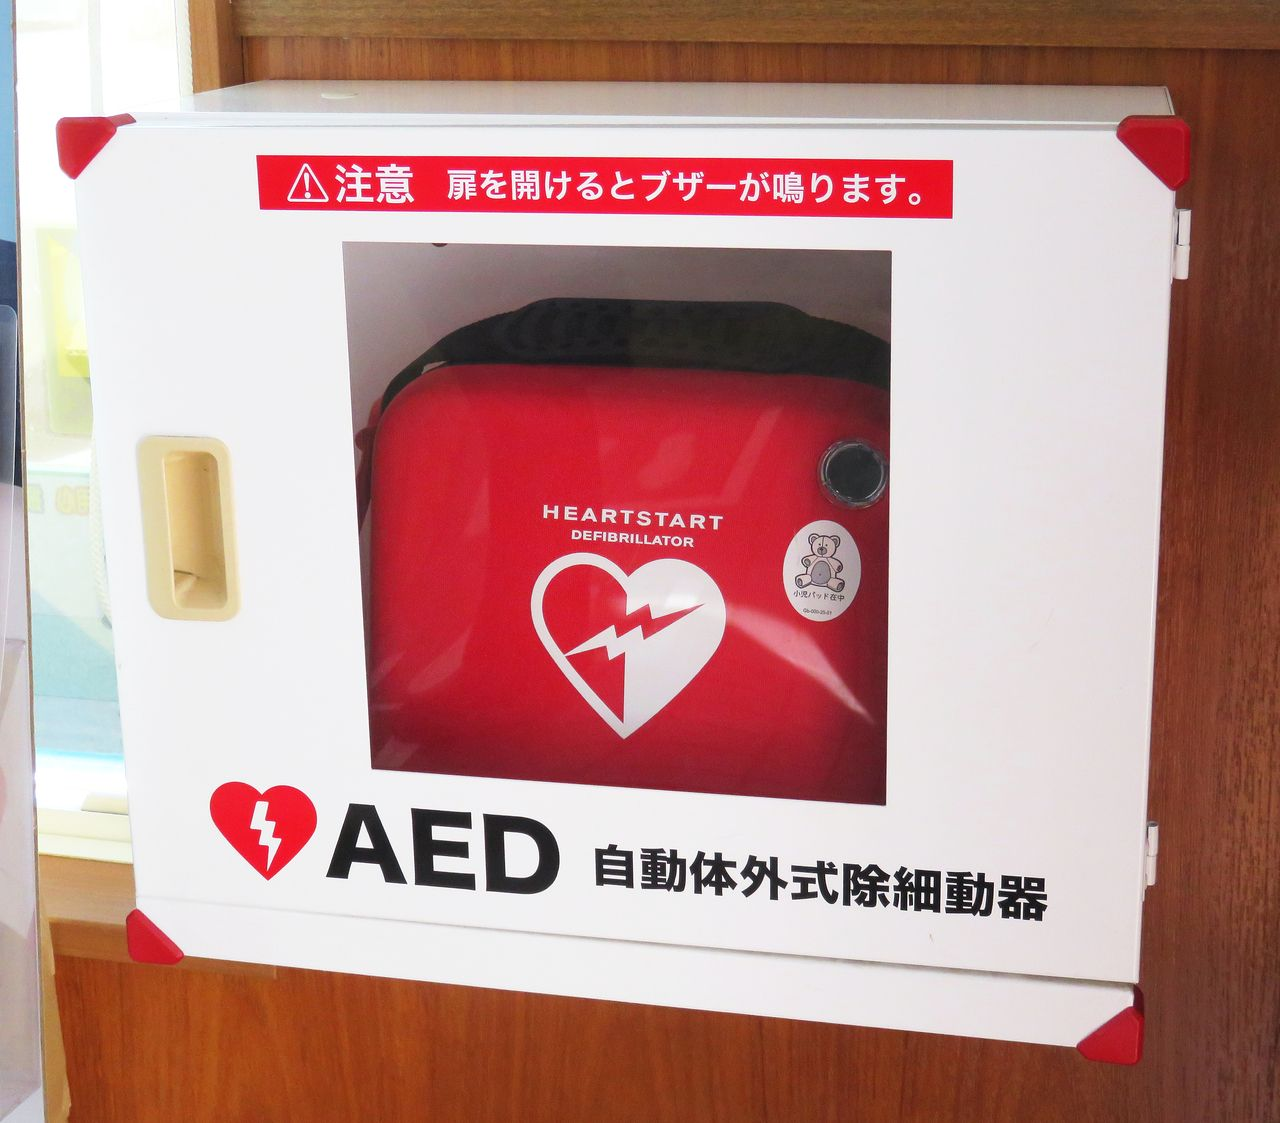 心肺蘇生法講習会のお知らせ、武蔵野市